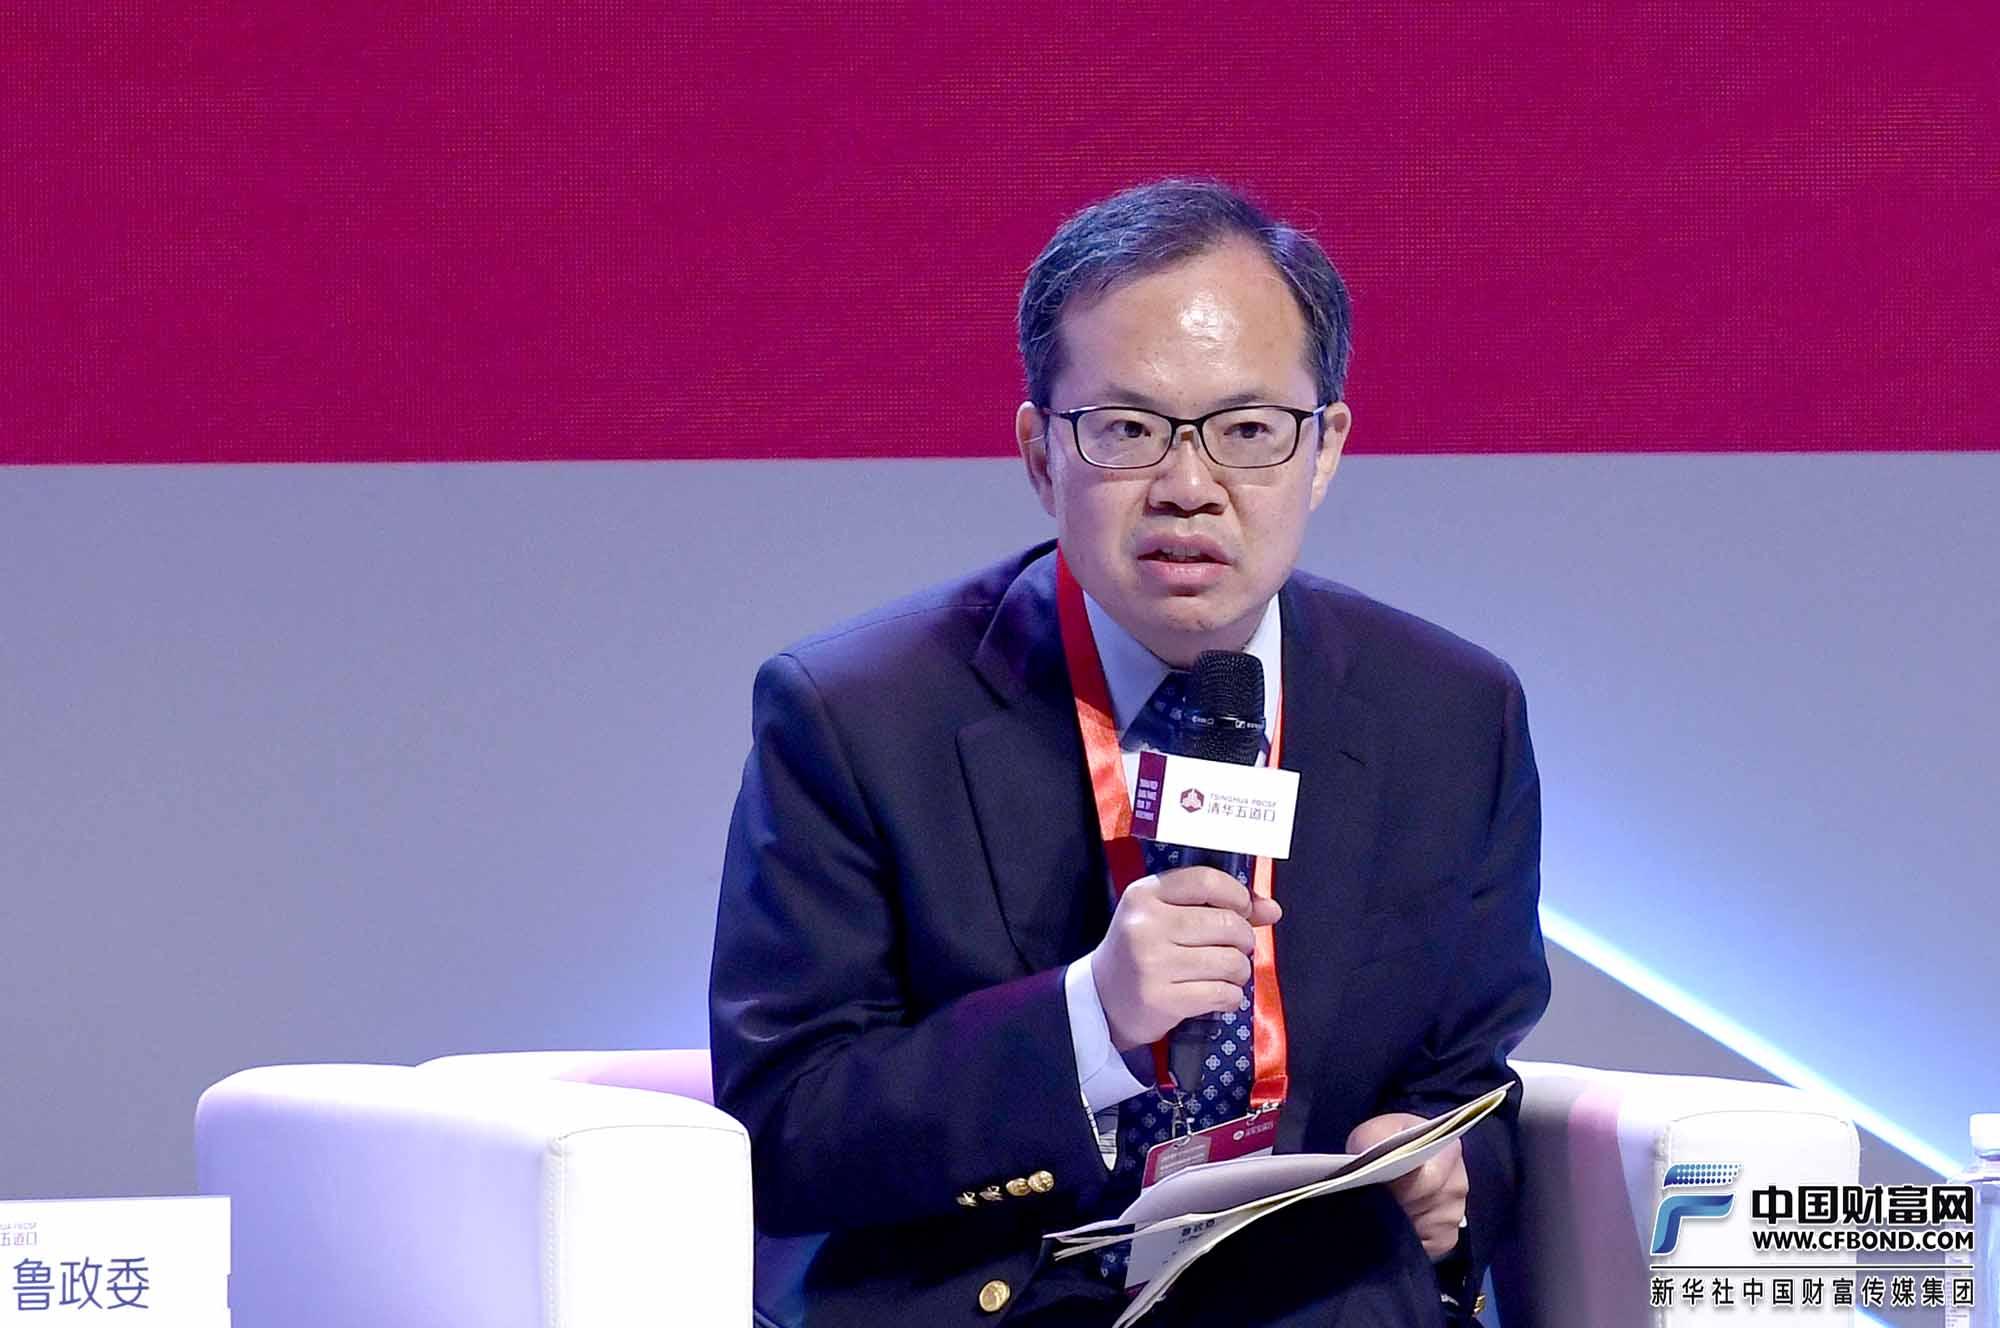 对话嘉宾:兴业银行首席经济学家鲁政委